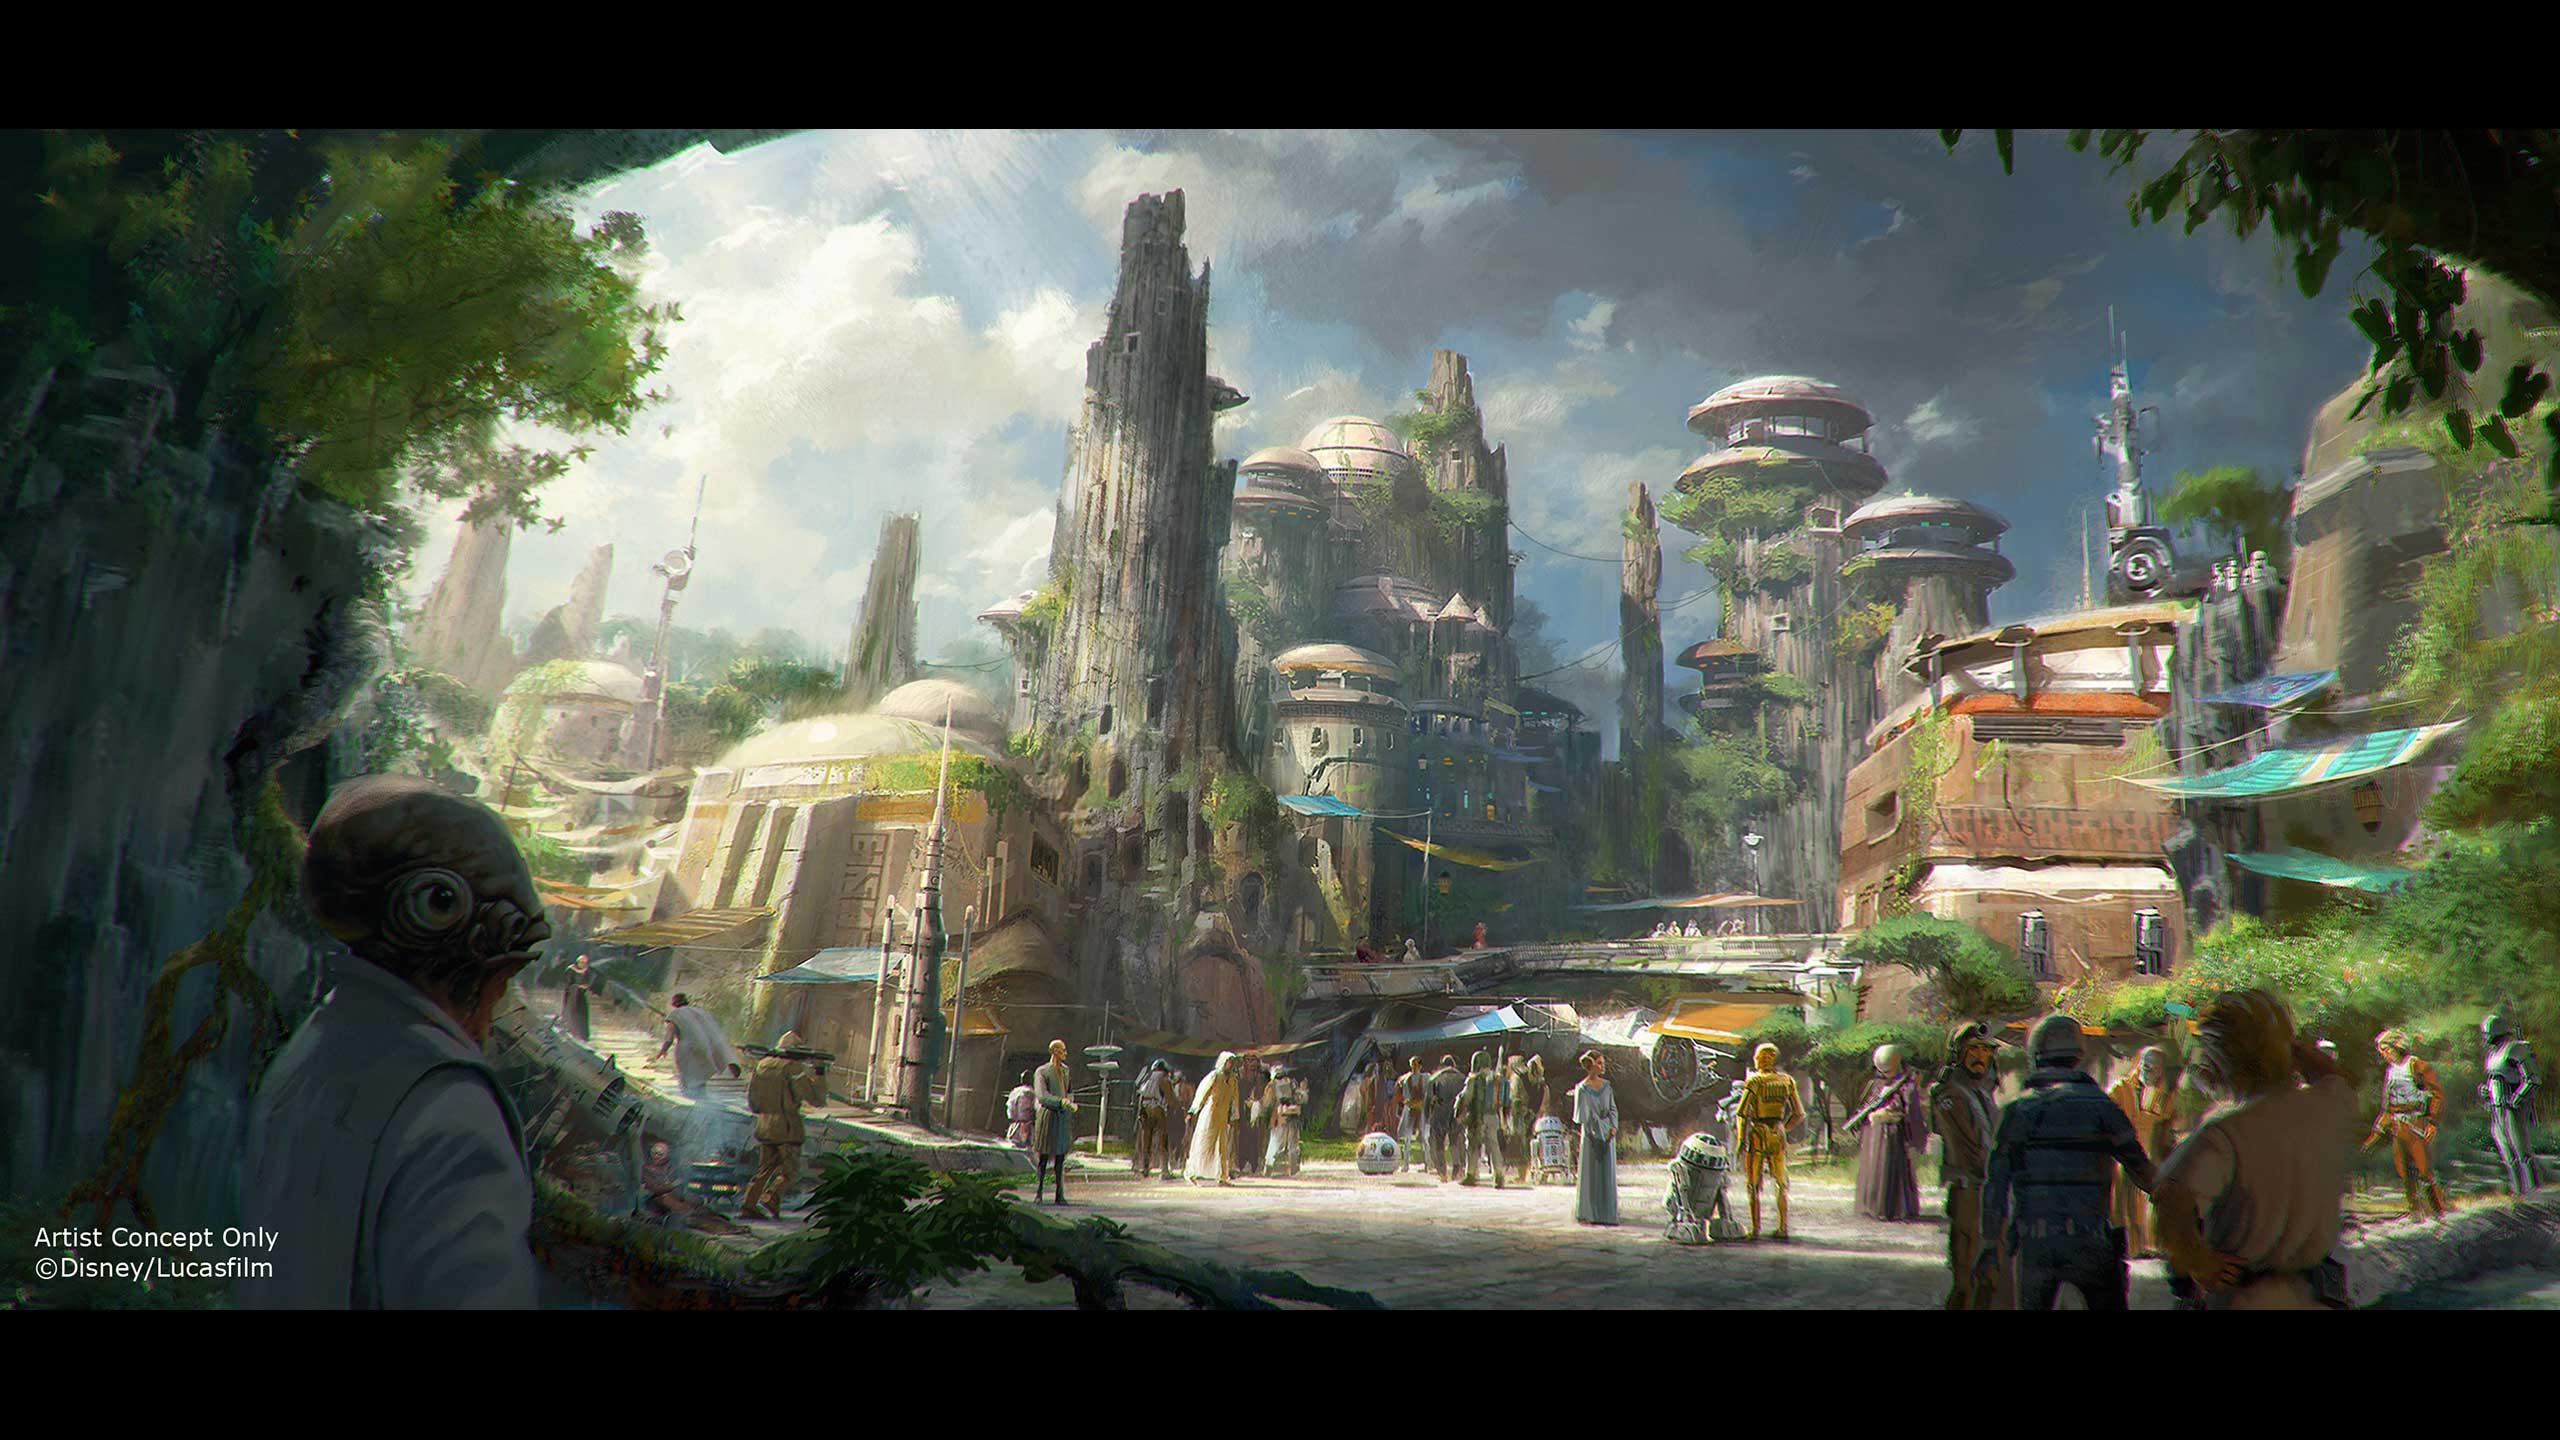 Walt Disney World' Star Wars Land Break Ground In 2016